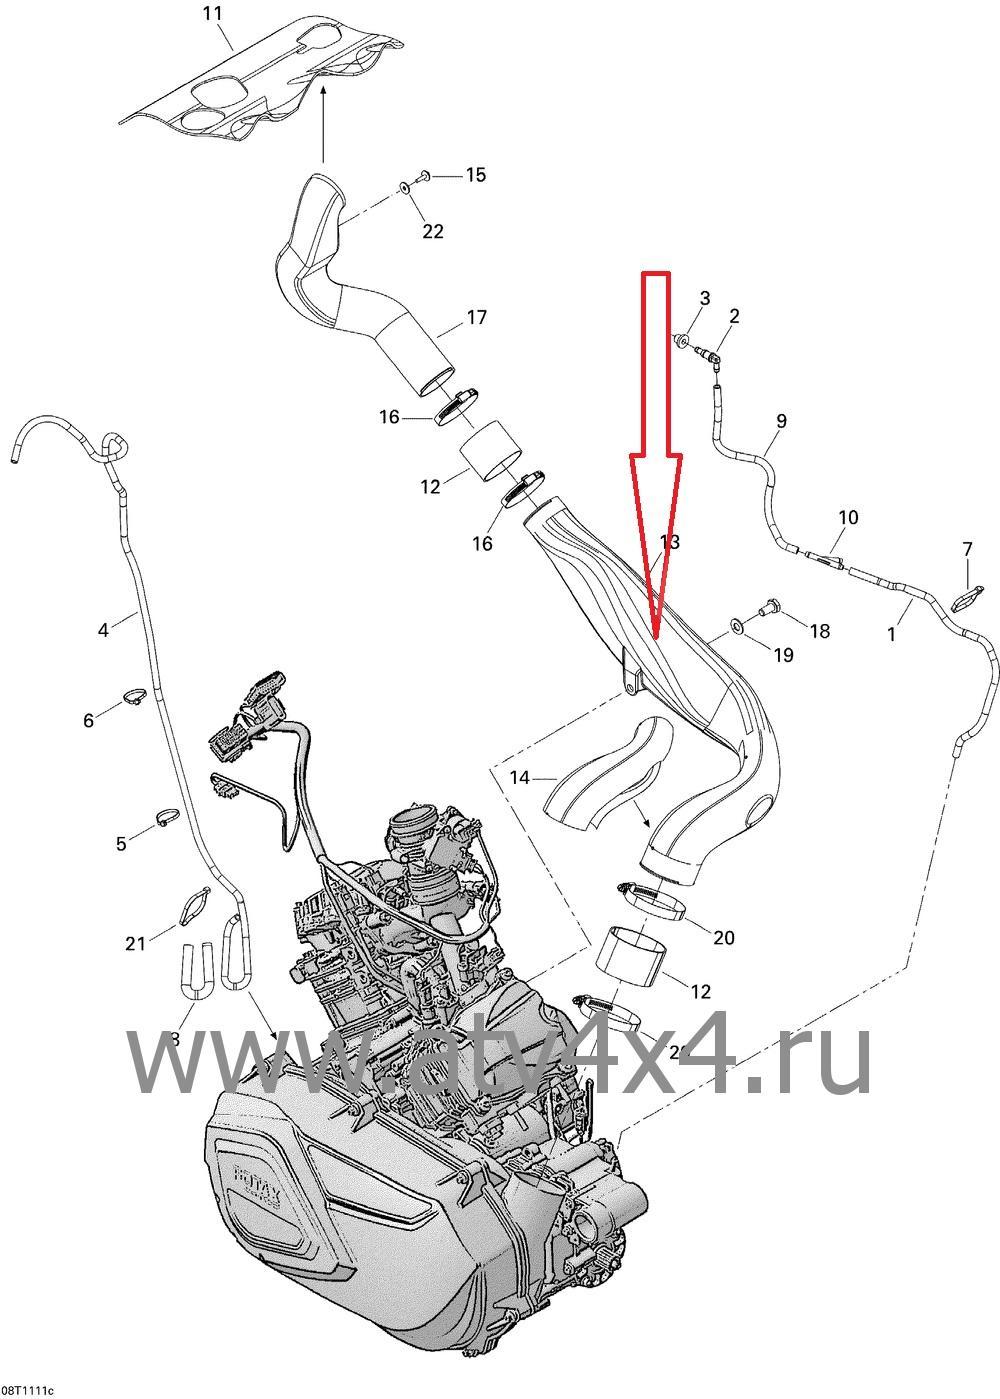 Запчасти системы охлаждения для квадроцикла Can-Am(BRP)